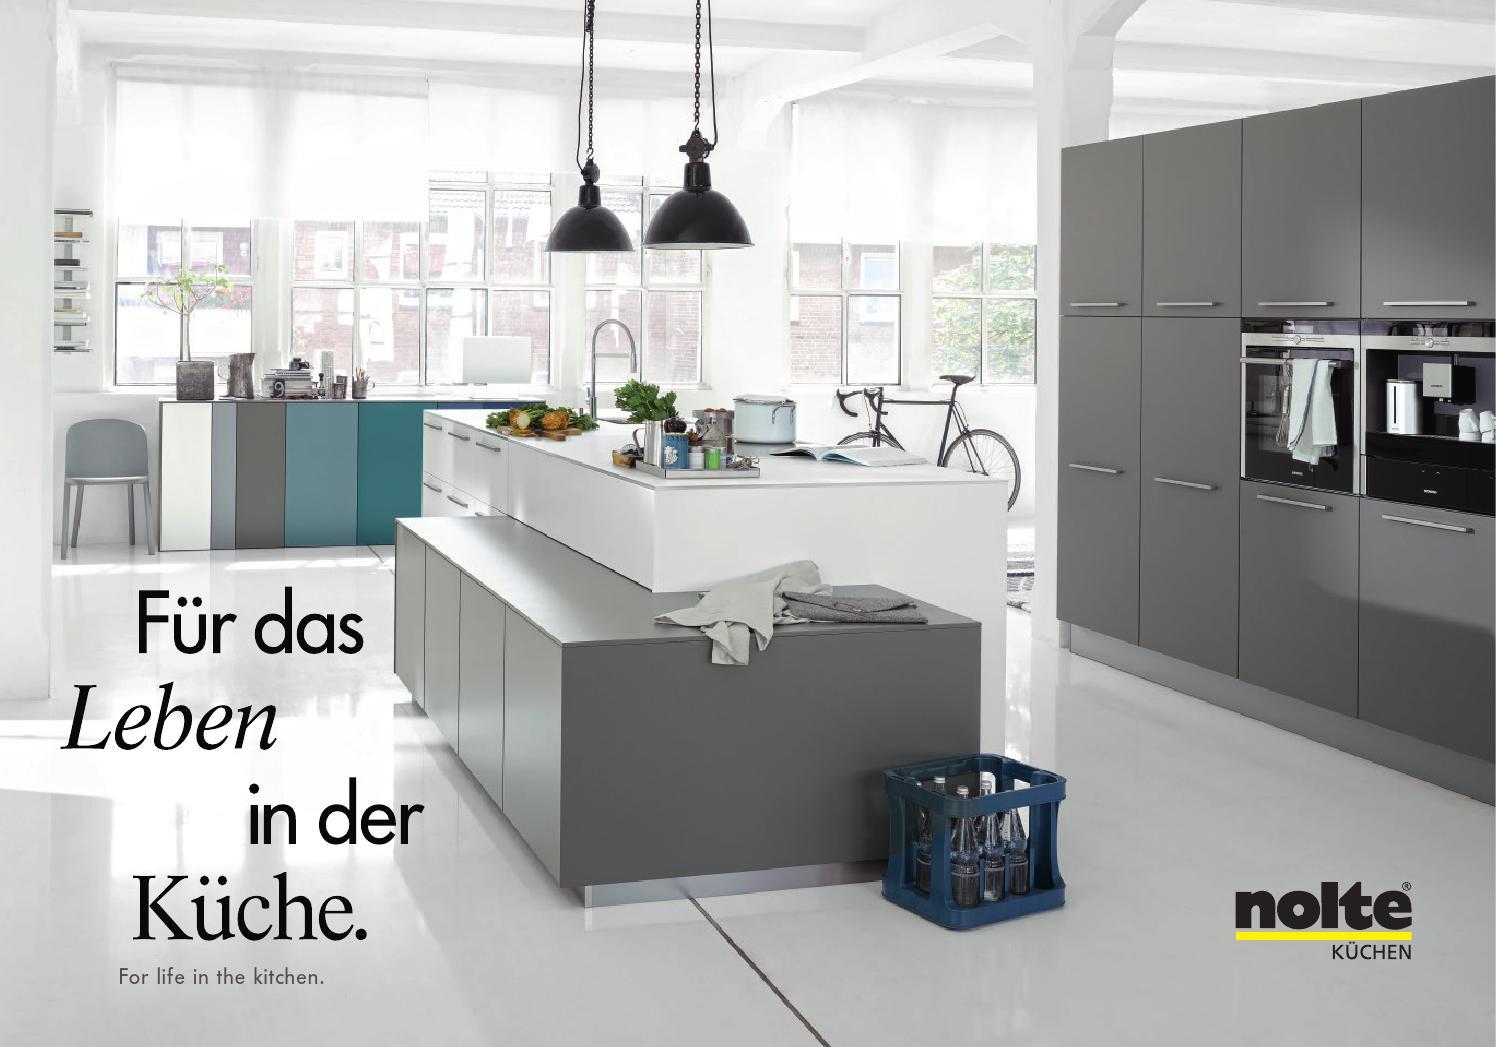 Nolte Küchen Qualität | Nolte Einbauküche Möbel Mahler